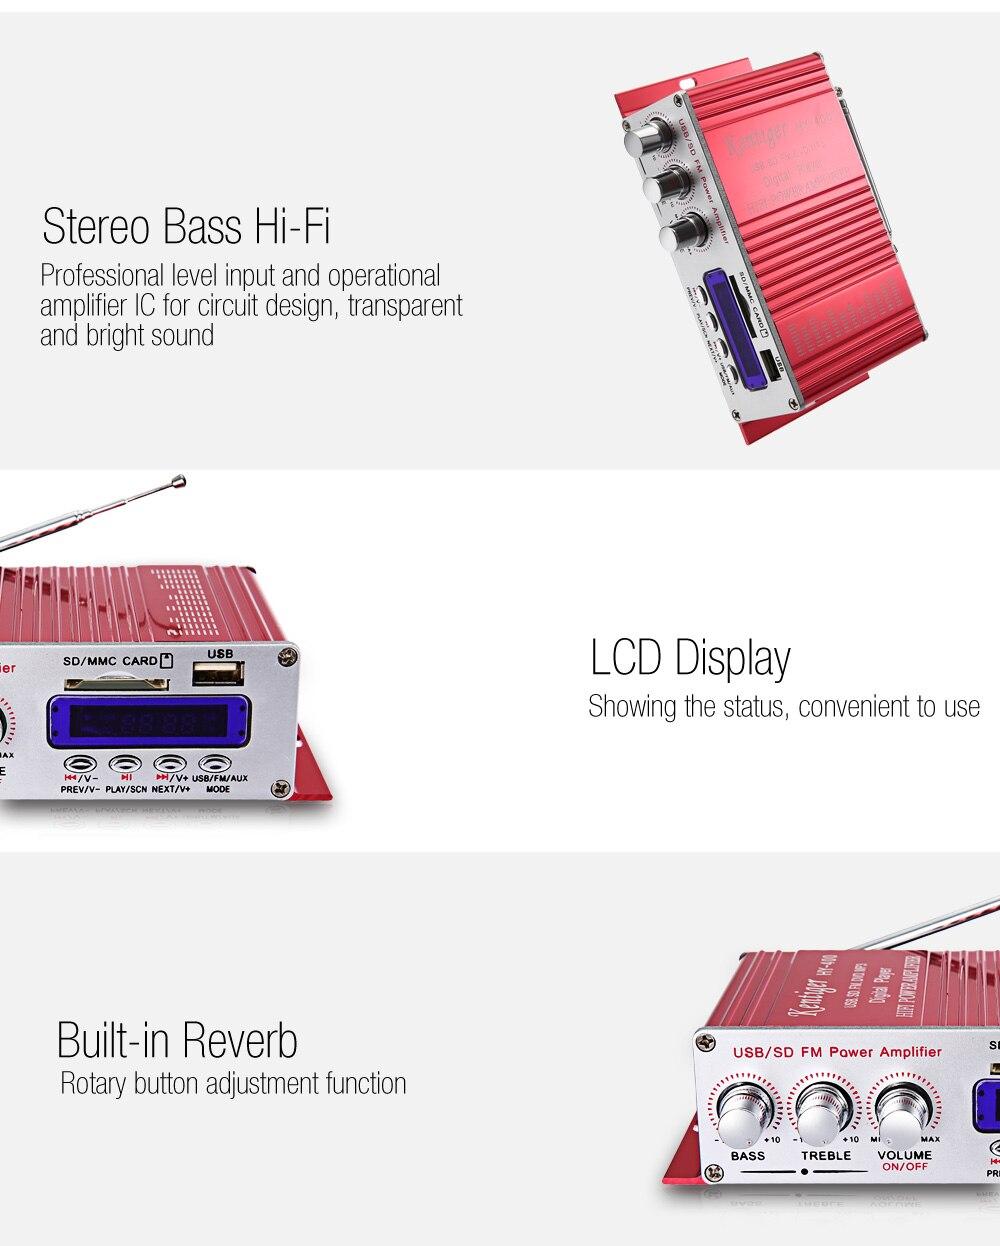 Хы - 400 стерео супер бас аудио цифровой плеер Привет-Fi автомобильный усилитель мощности с FM ЖК-дисплей поддержка USB / памяти SD / MP3 дистанционного управления